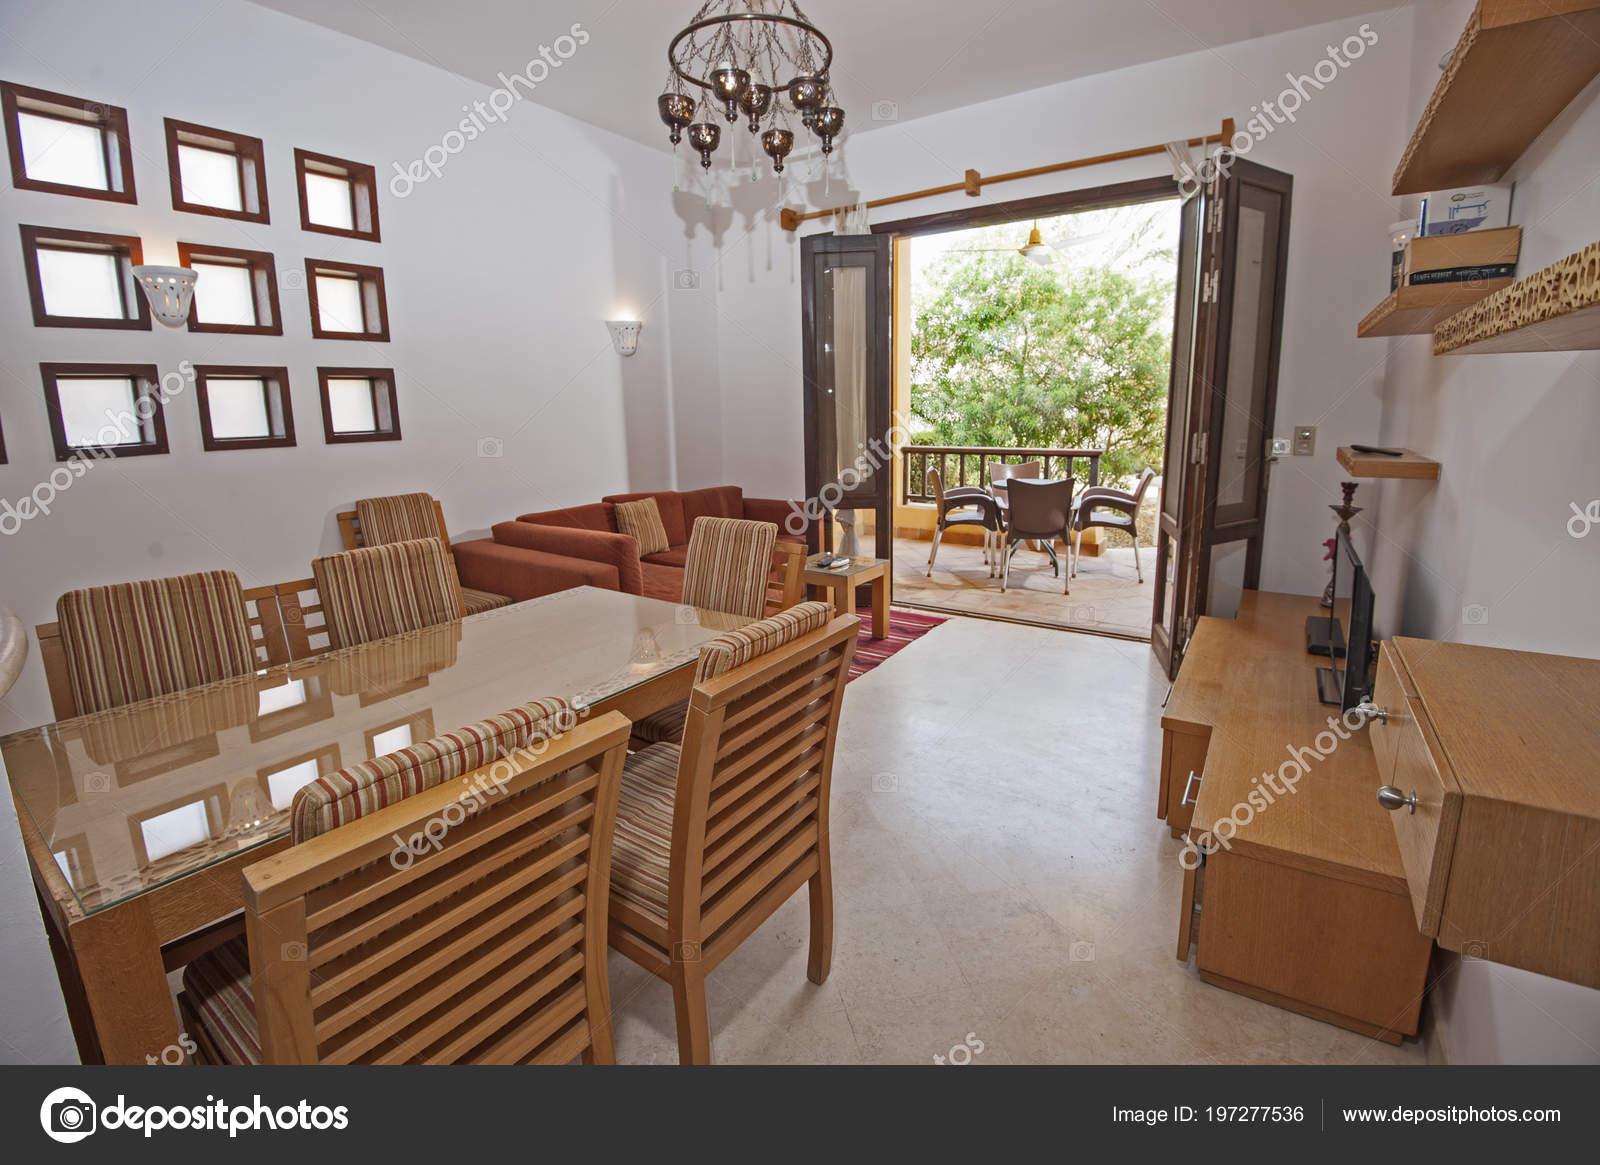 Wohnzimmer Lounge Luxus Wohnung Zeigen Nach Hause Zeigen Innenarchitektur  Einrichtung U2014 Stockfoto